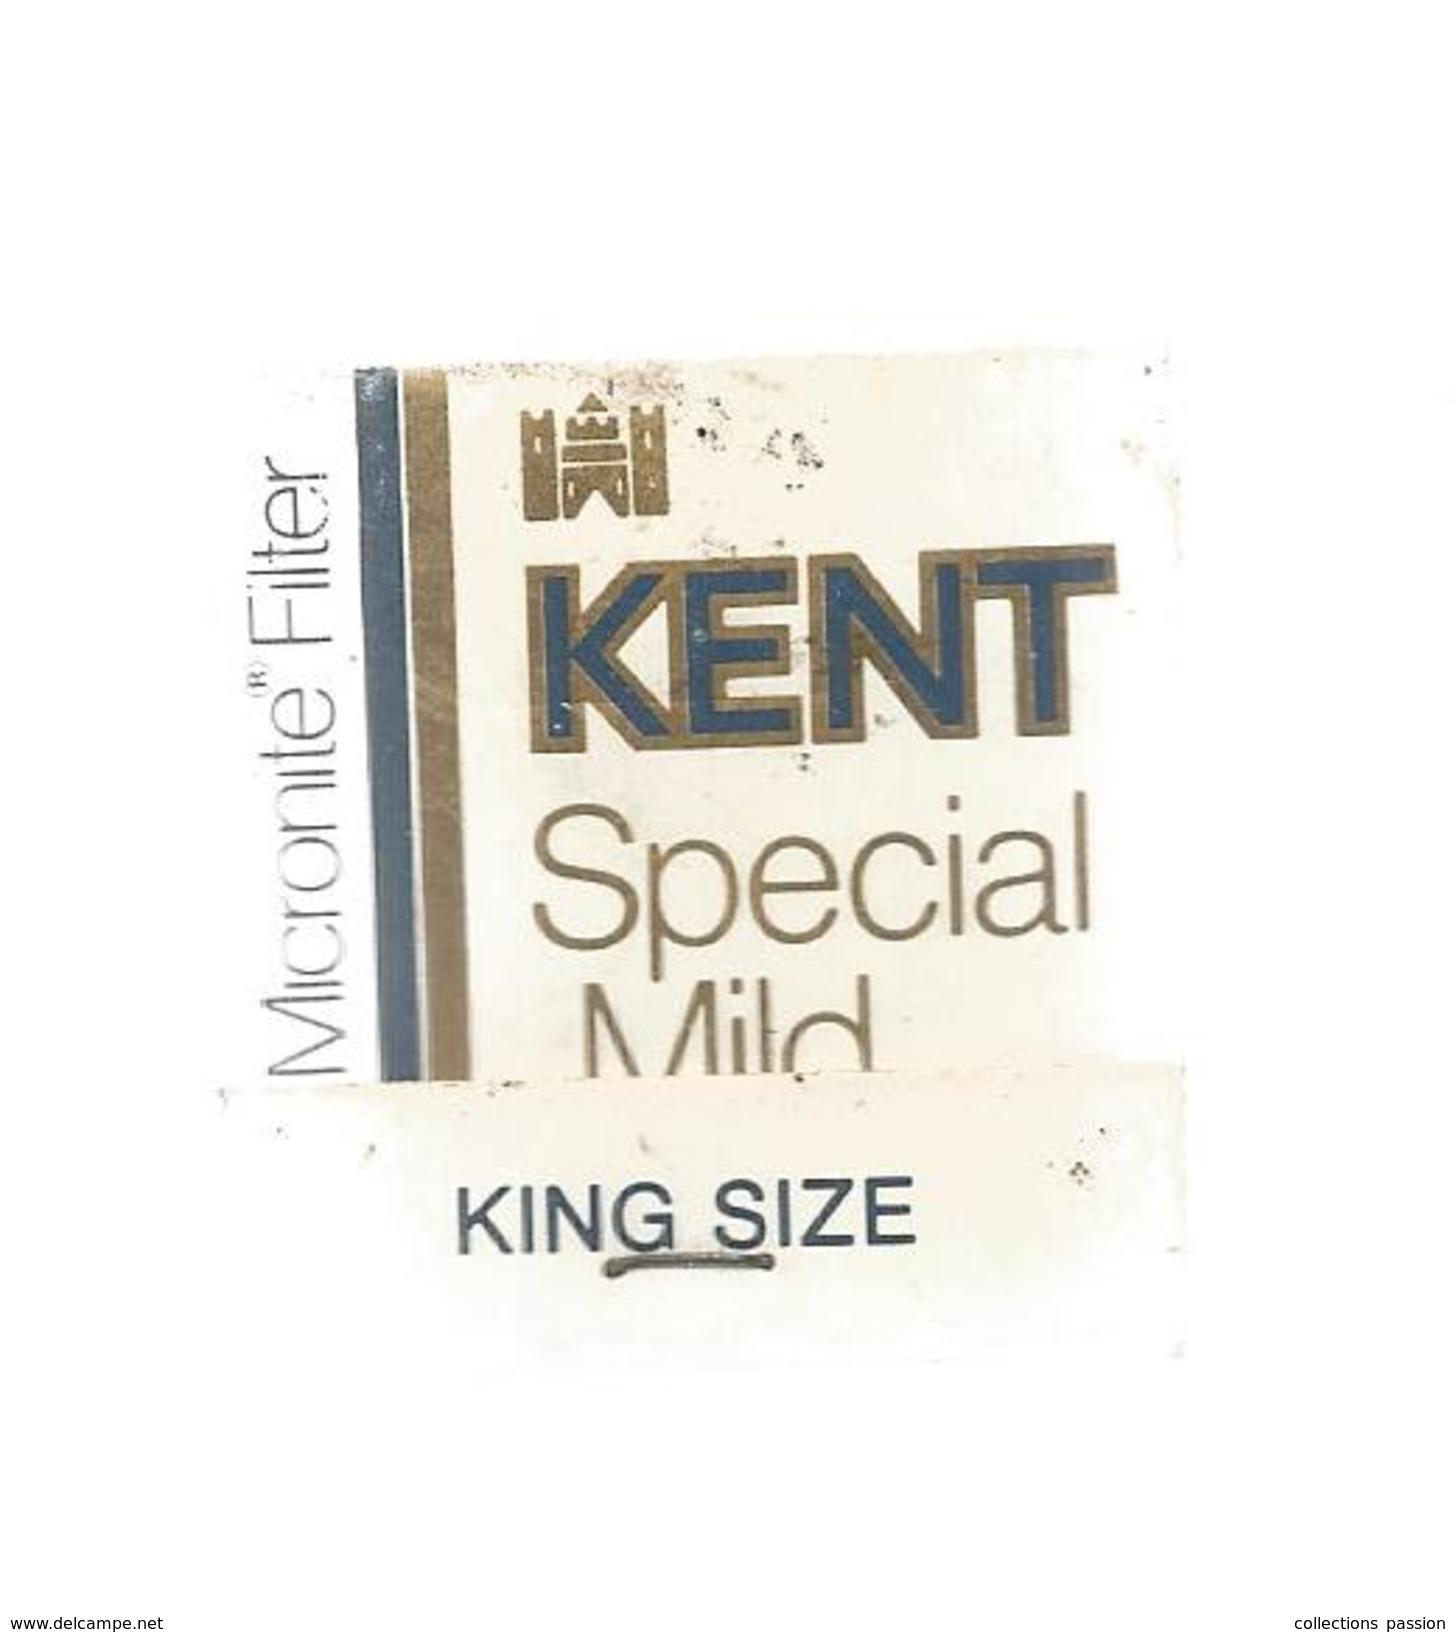 G-I-E, Tabac, Boite, Pochette  D'ALLUMETTES, Publicité, 2 Scans, Cigarettes KENT Special Mild , King Size - Boites D'allumettes - Etiquettes